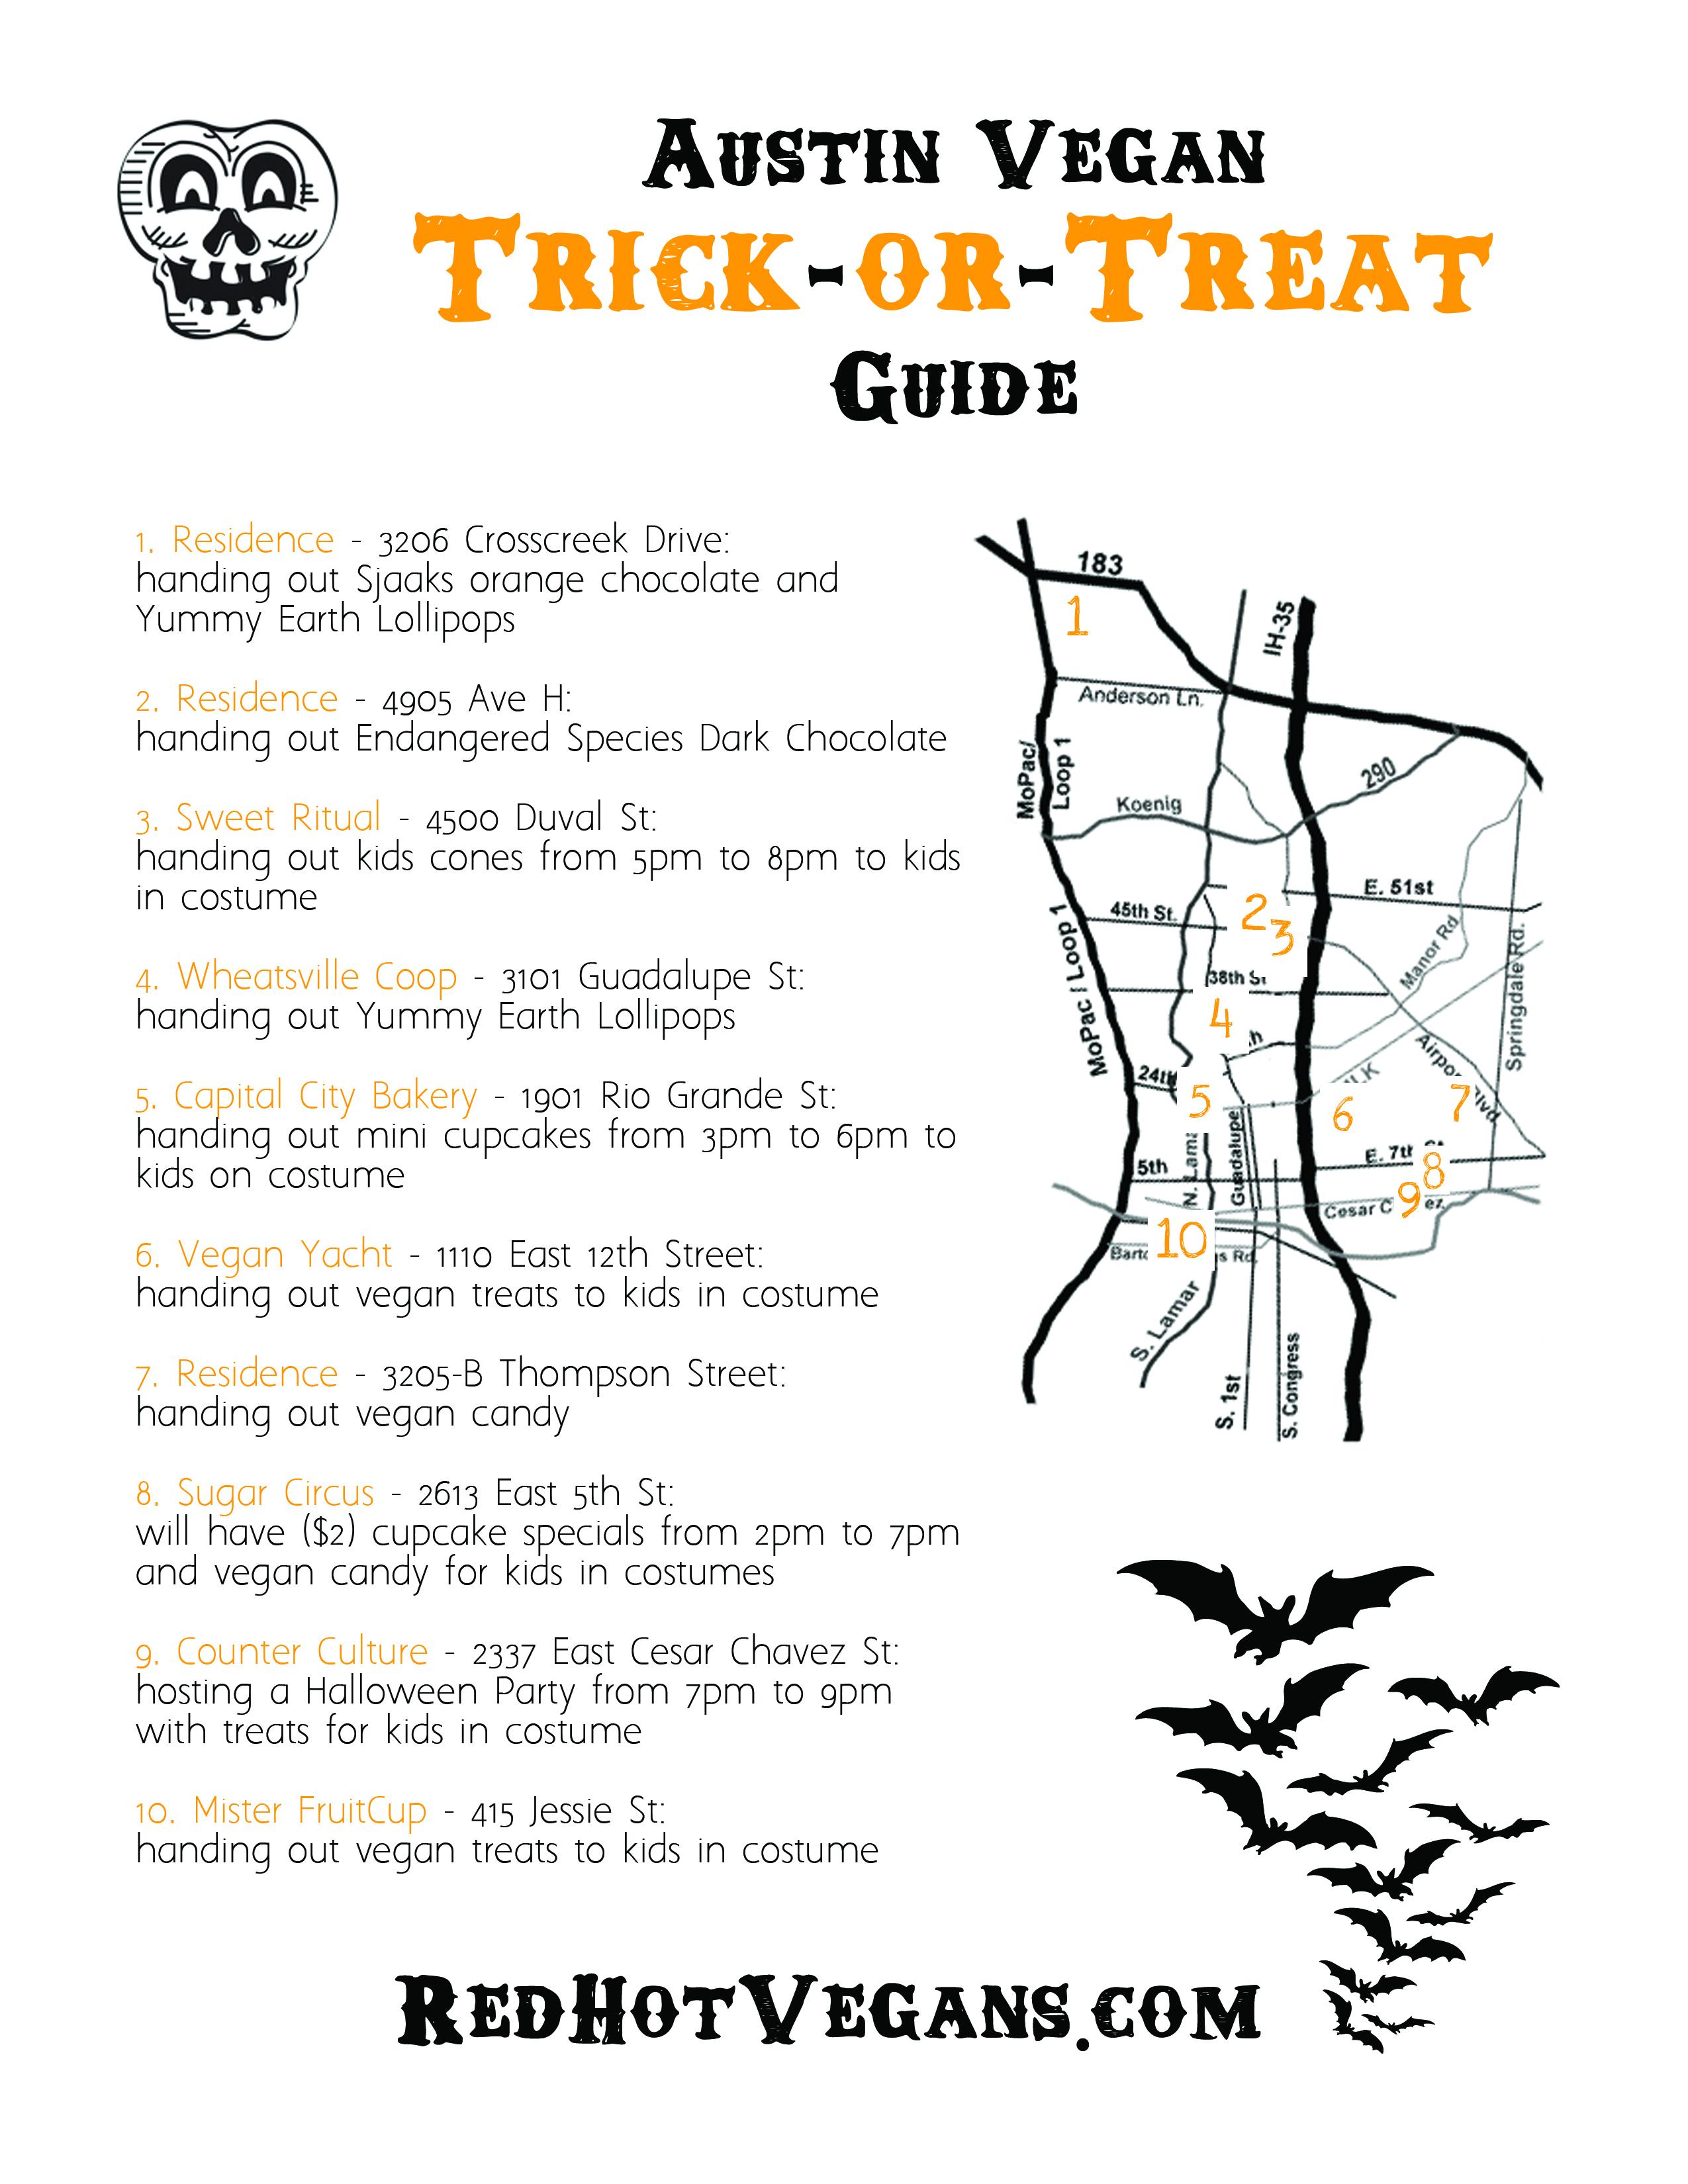 Austin Vegan Trick-or-Treat Guide